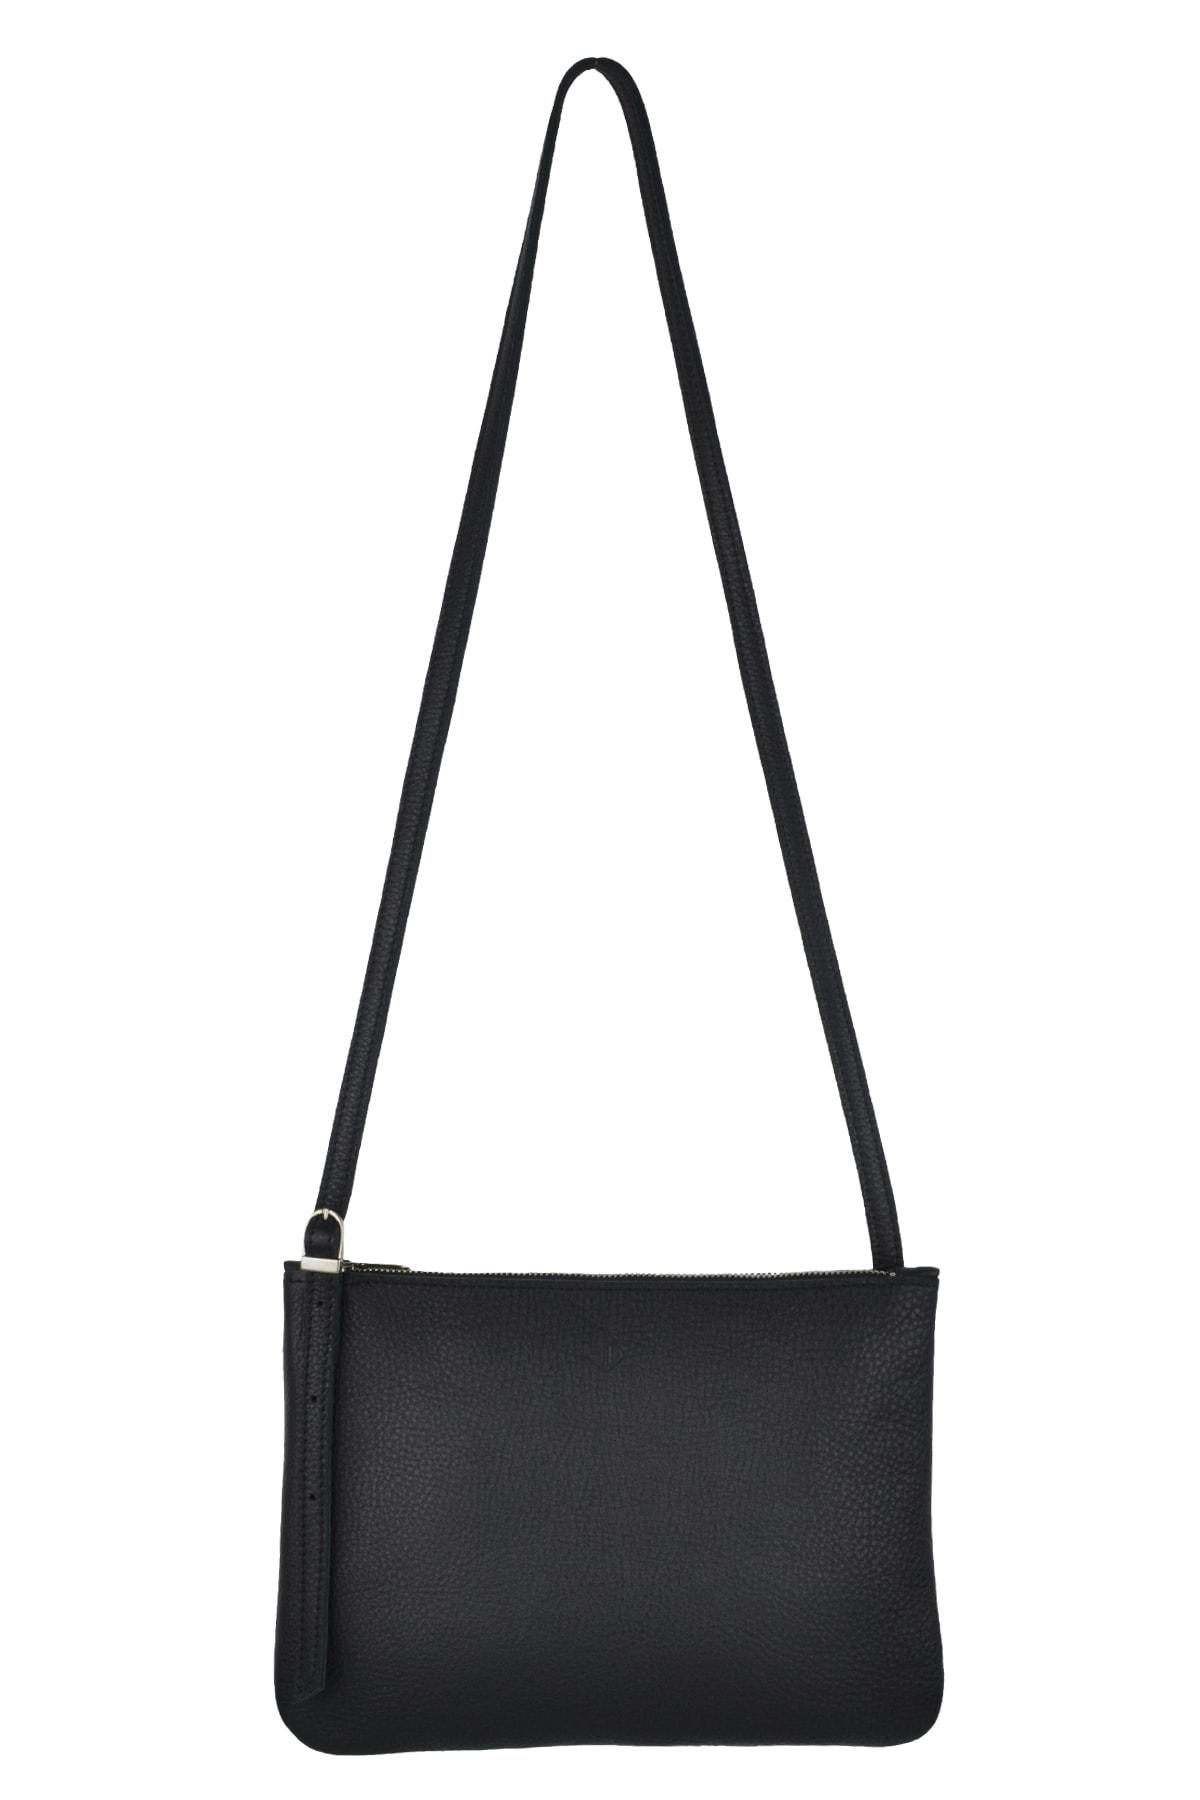 c195f896e Shoulder bag 'Evy' - Charcoal - Atelier Judith van den Berg